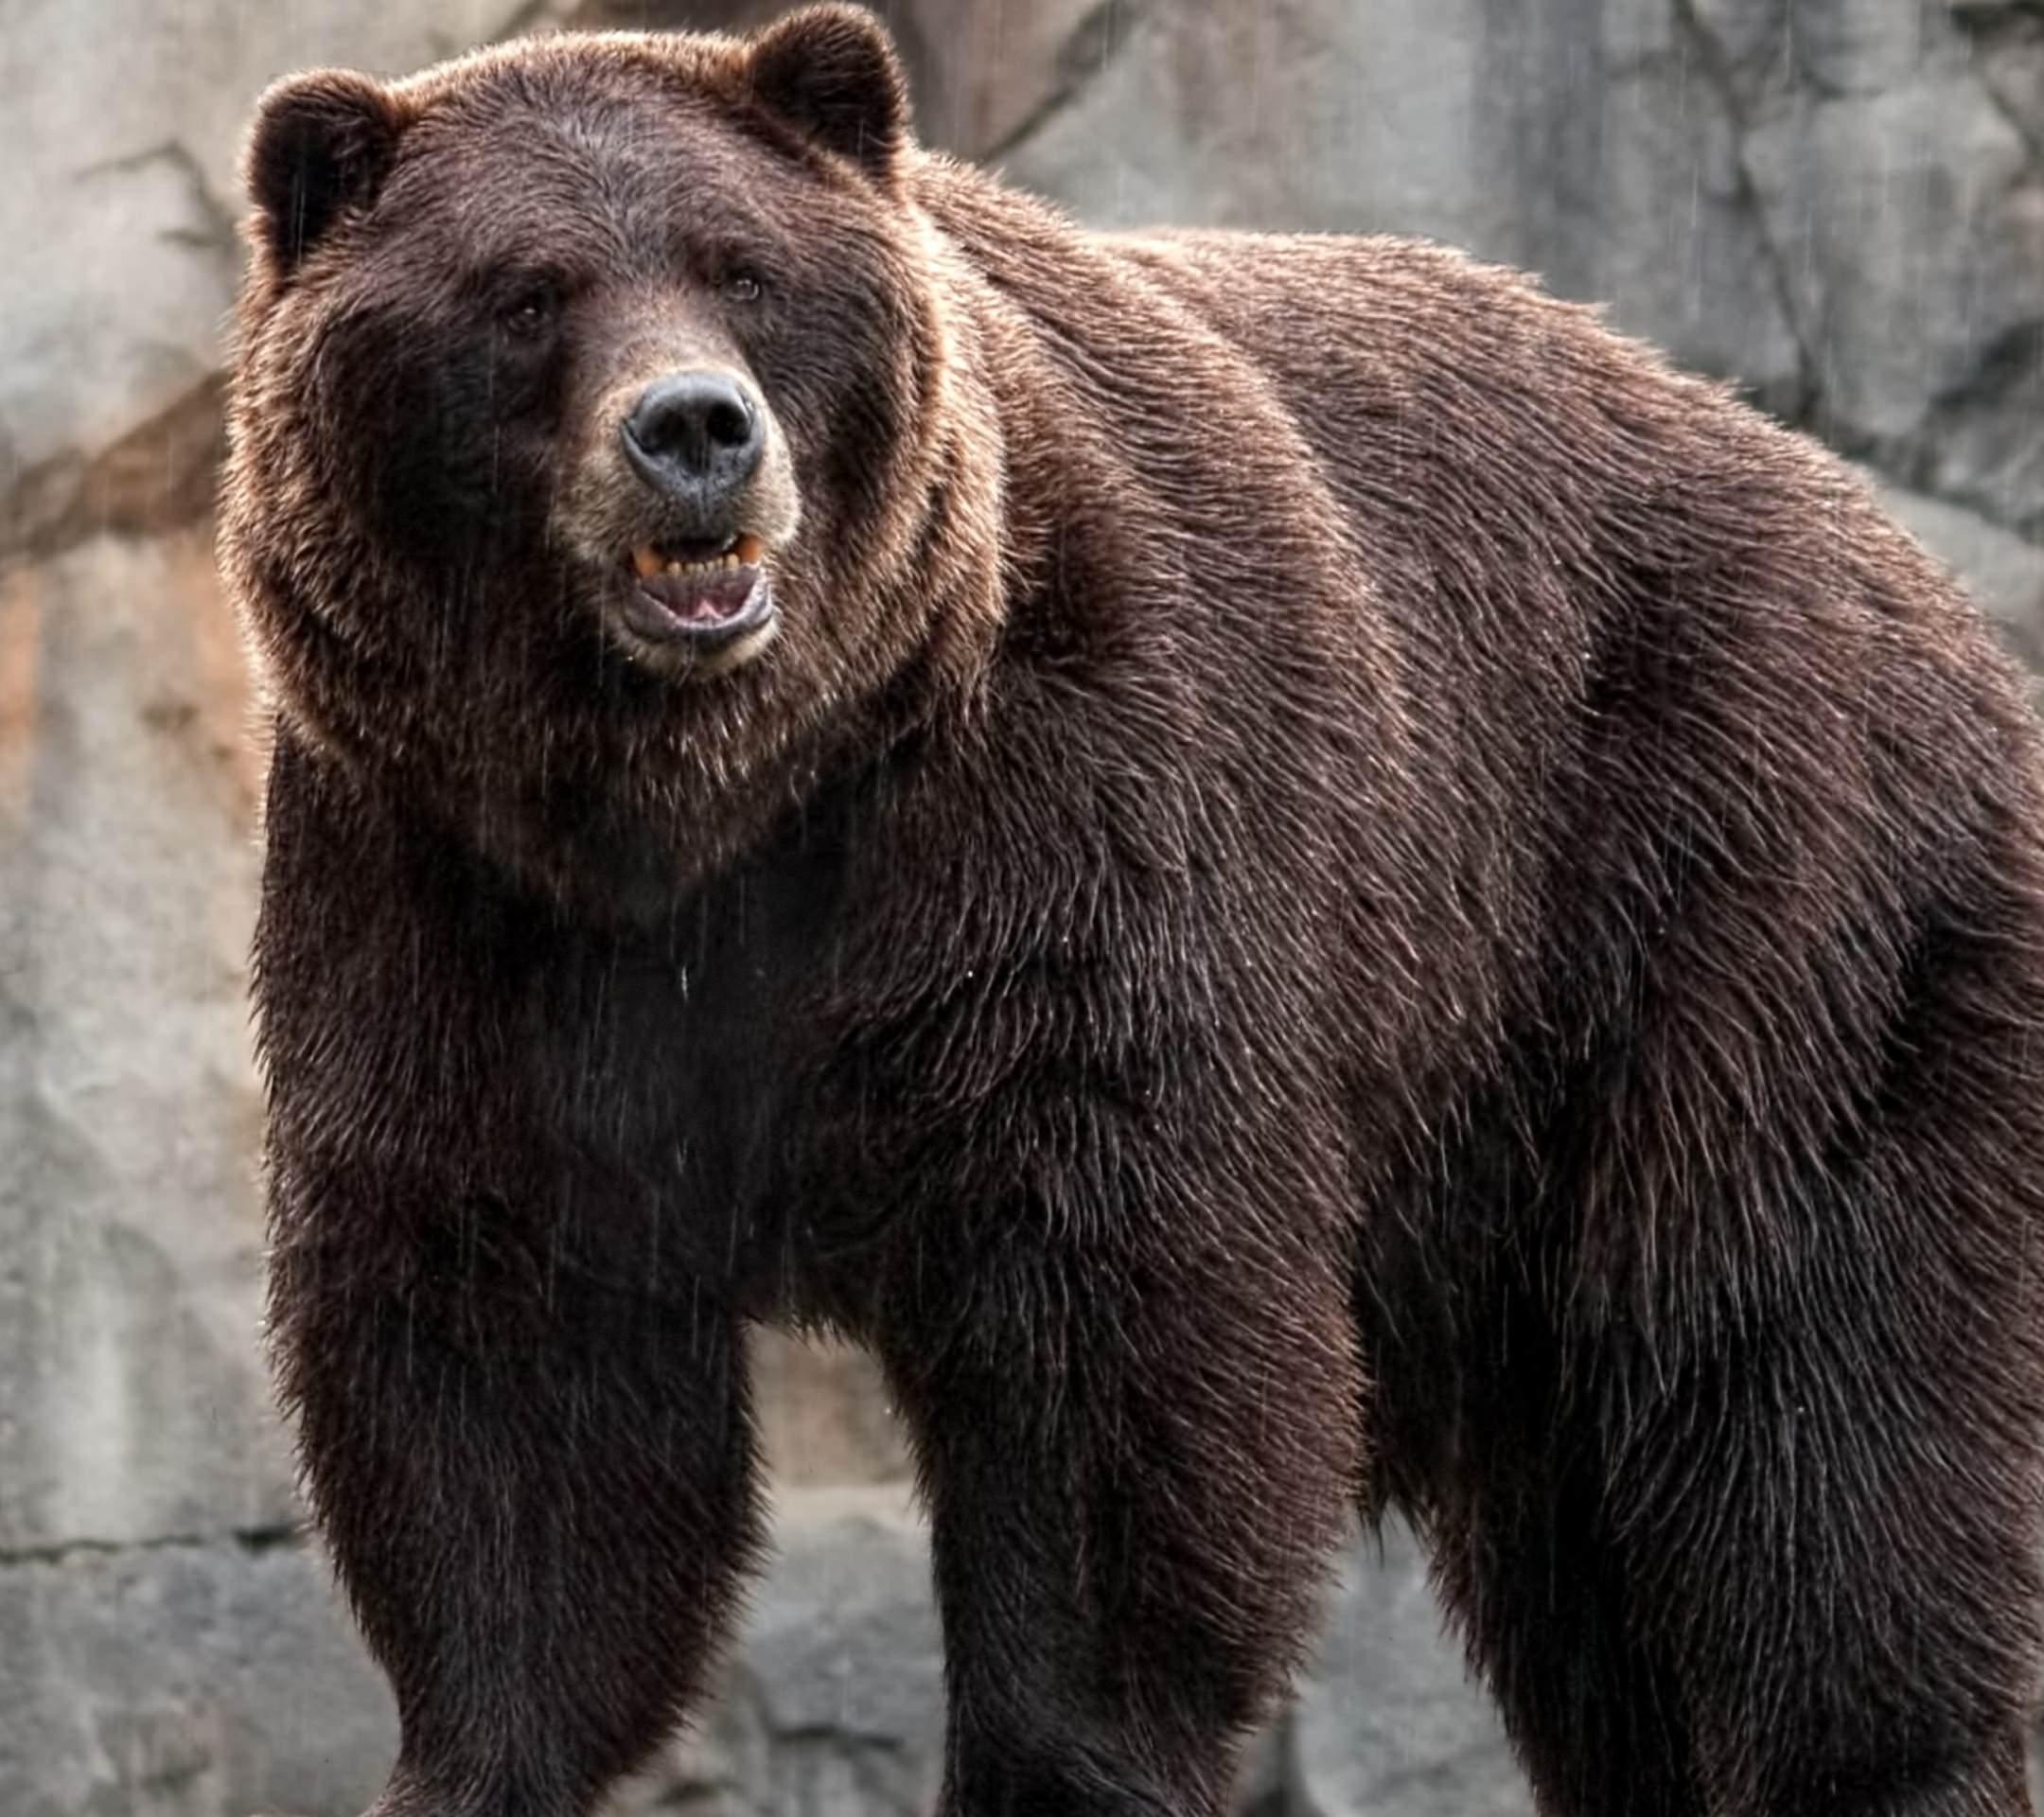 怖いけどカワイイ熊の高画質な画像まとめ!